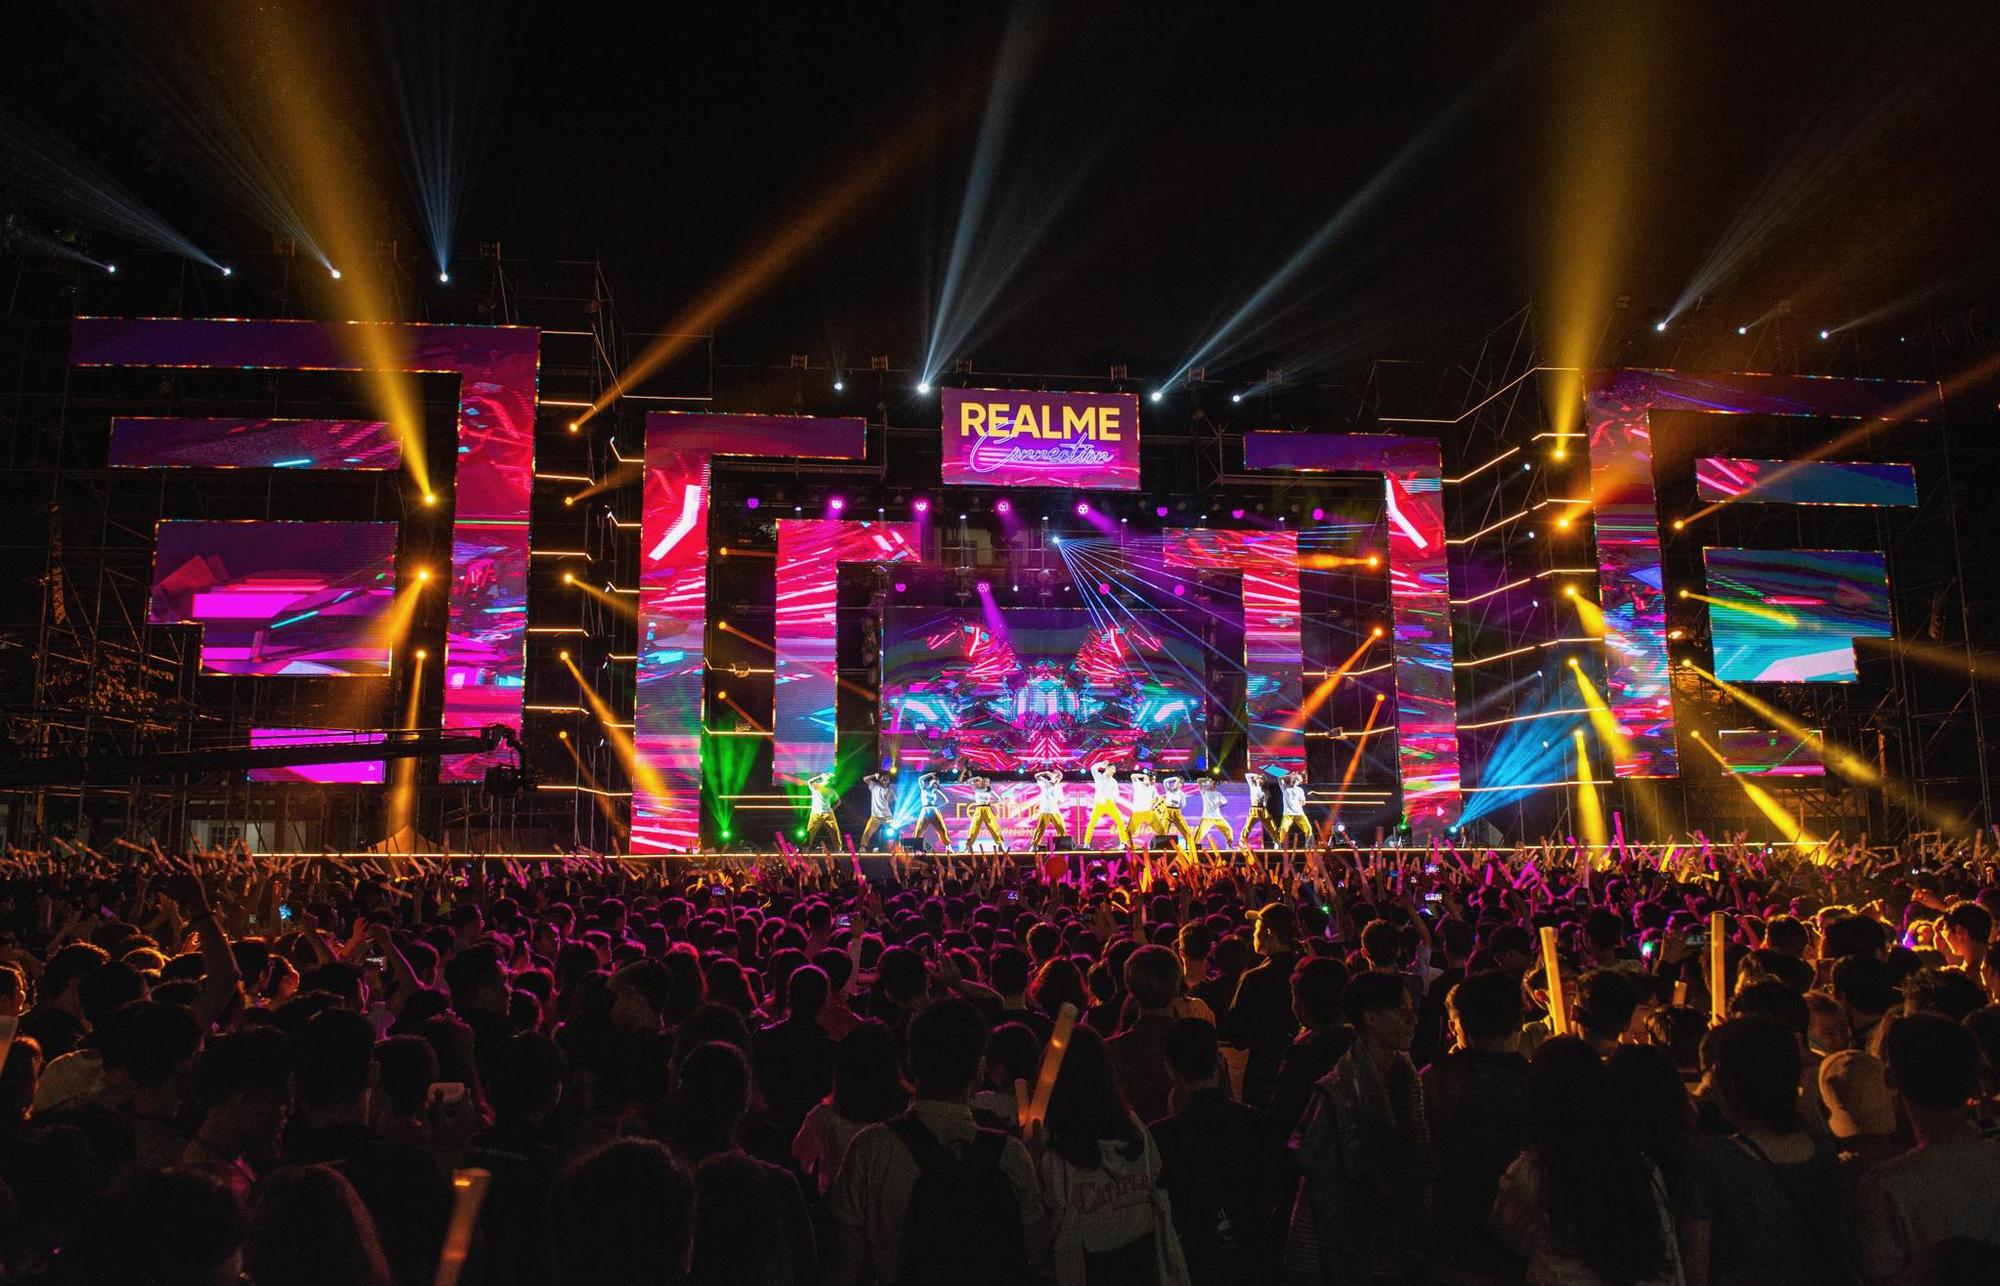 Dấu ấn Realme để lại trong năm 2019: ra mắt sản phẩm mới, xây dựng cộng đồng Realfan và tổ chức 2 đại nhạc hội hoành tráng - Ảnh 4.